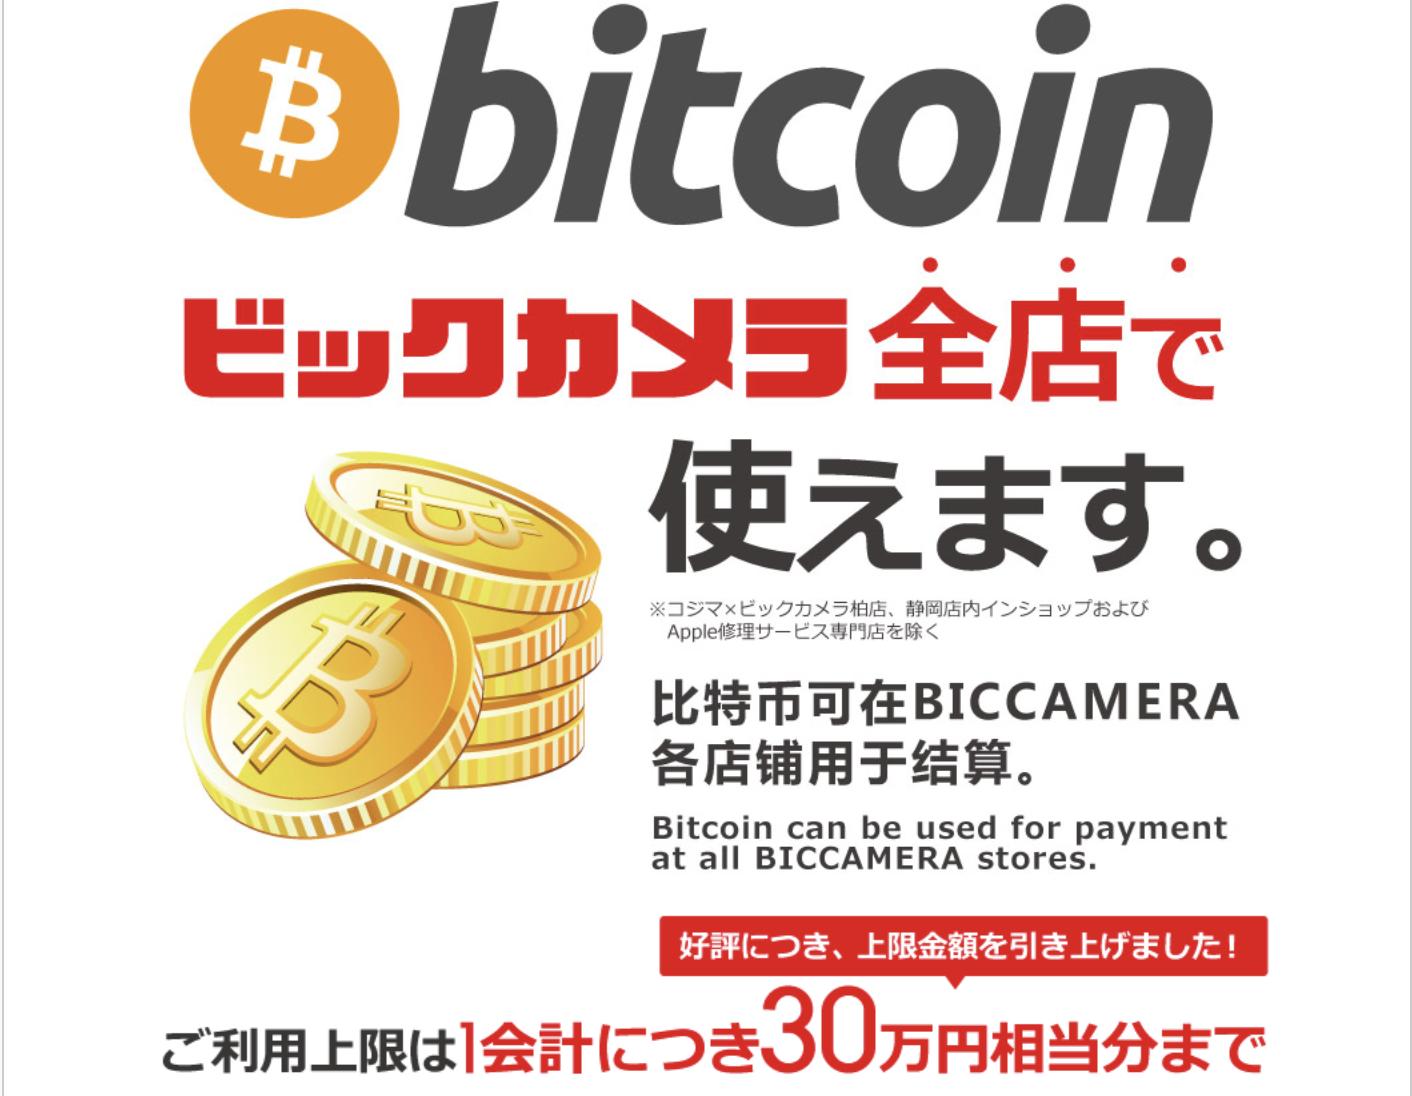 ビックカメラ ビットコイン開始日